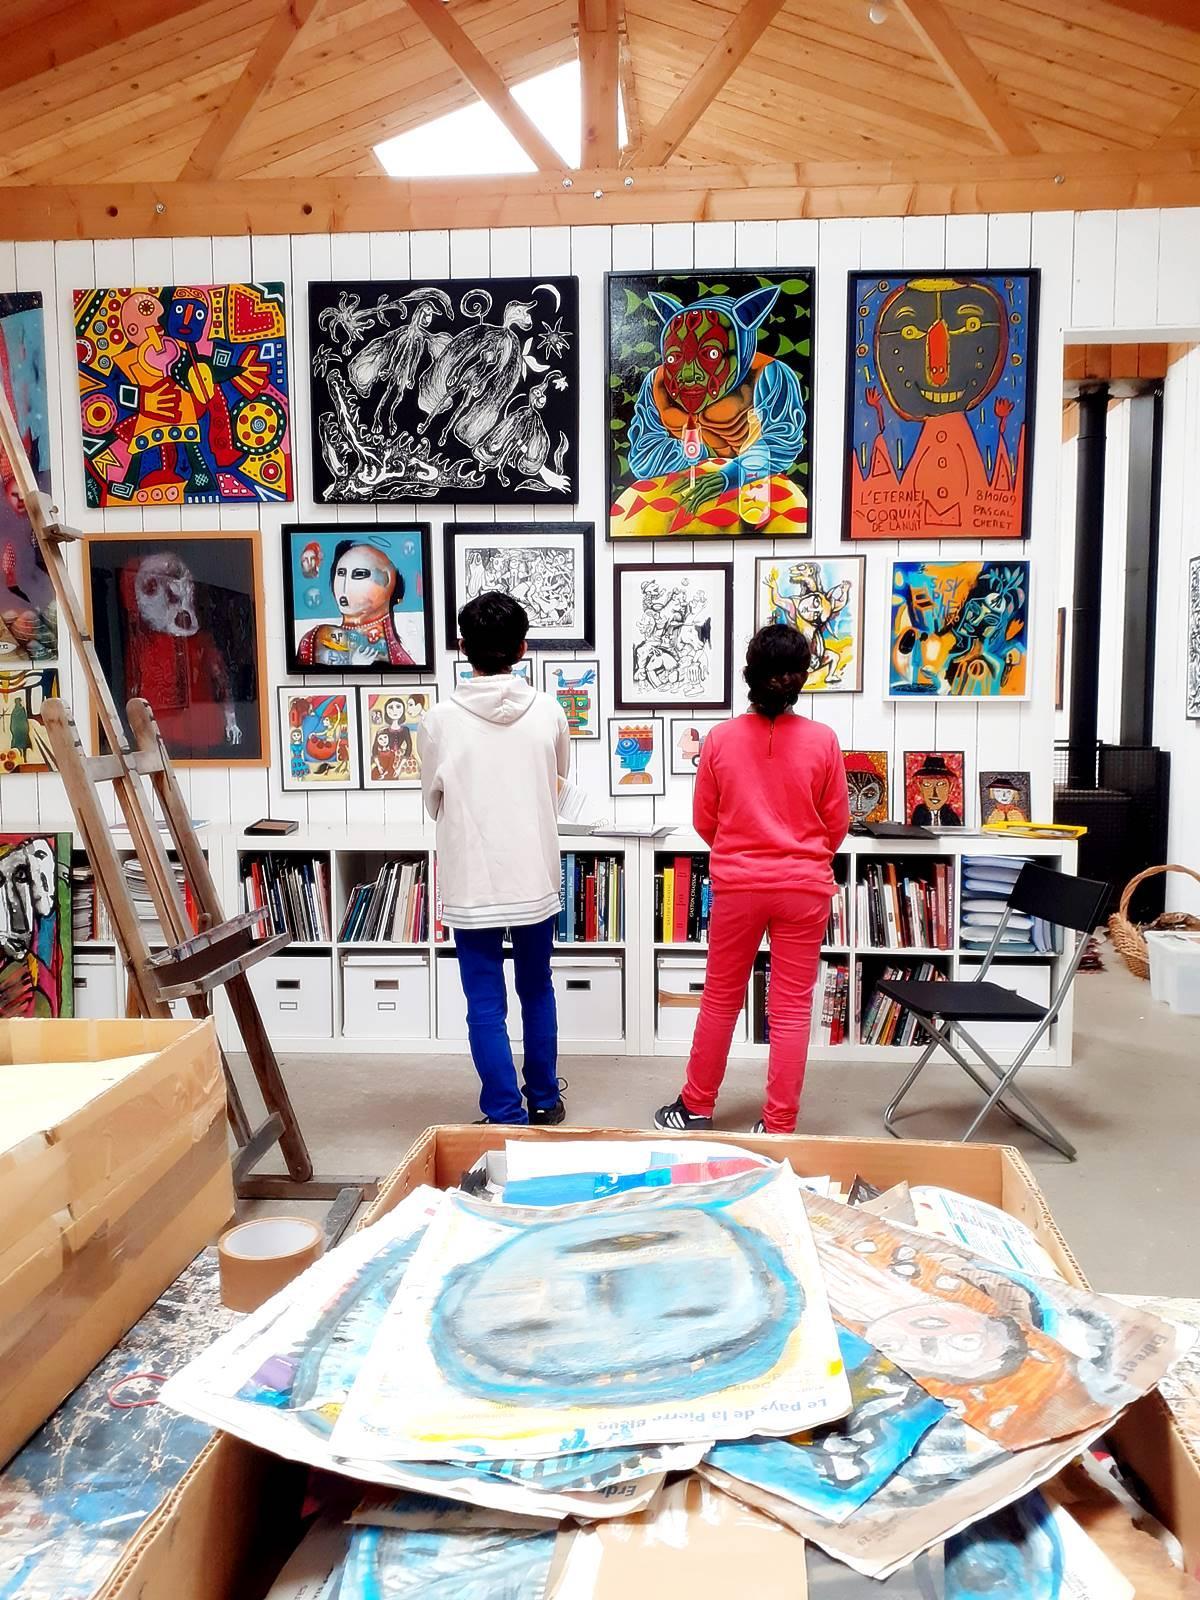 Hang art saffre loire atlantique musee20200613 131709